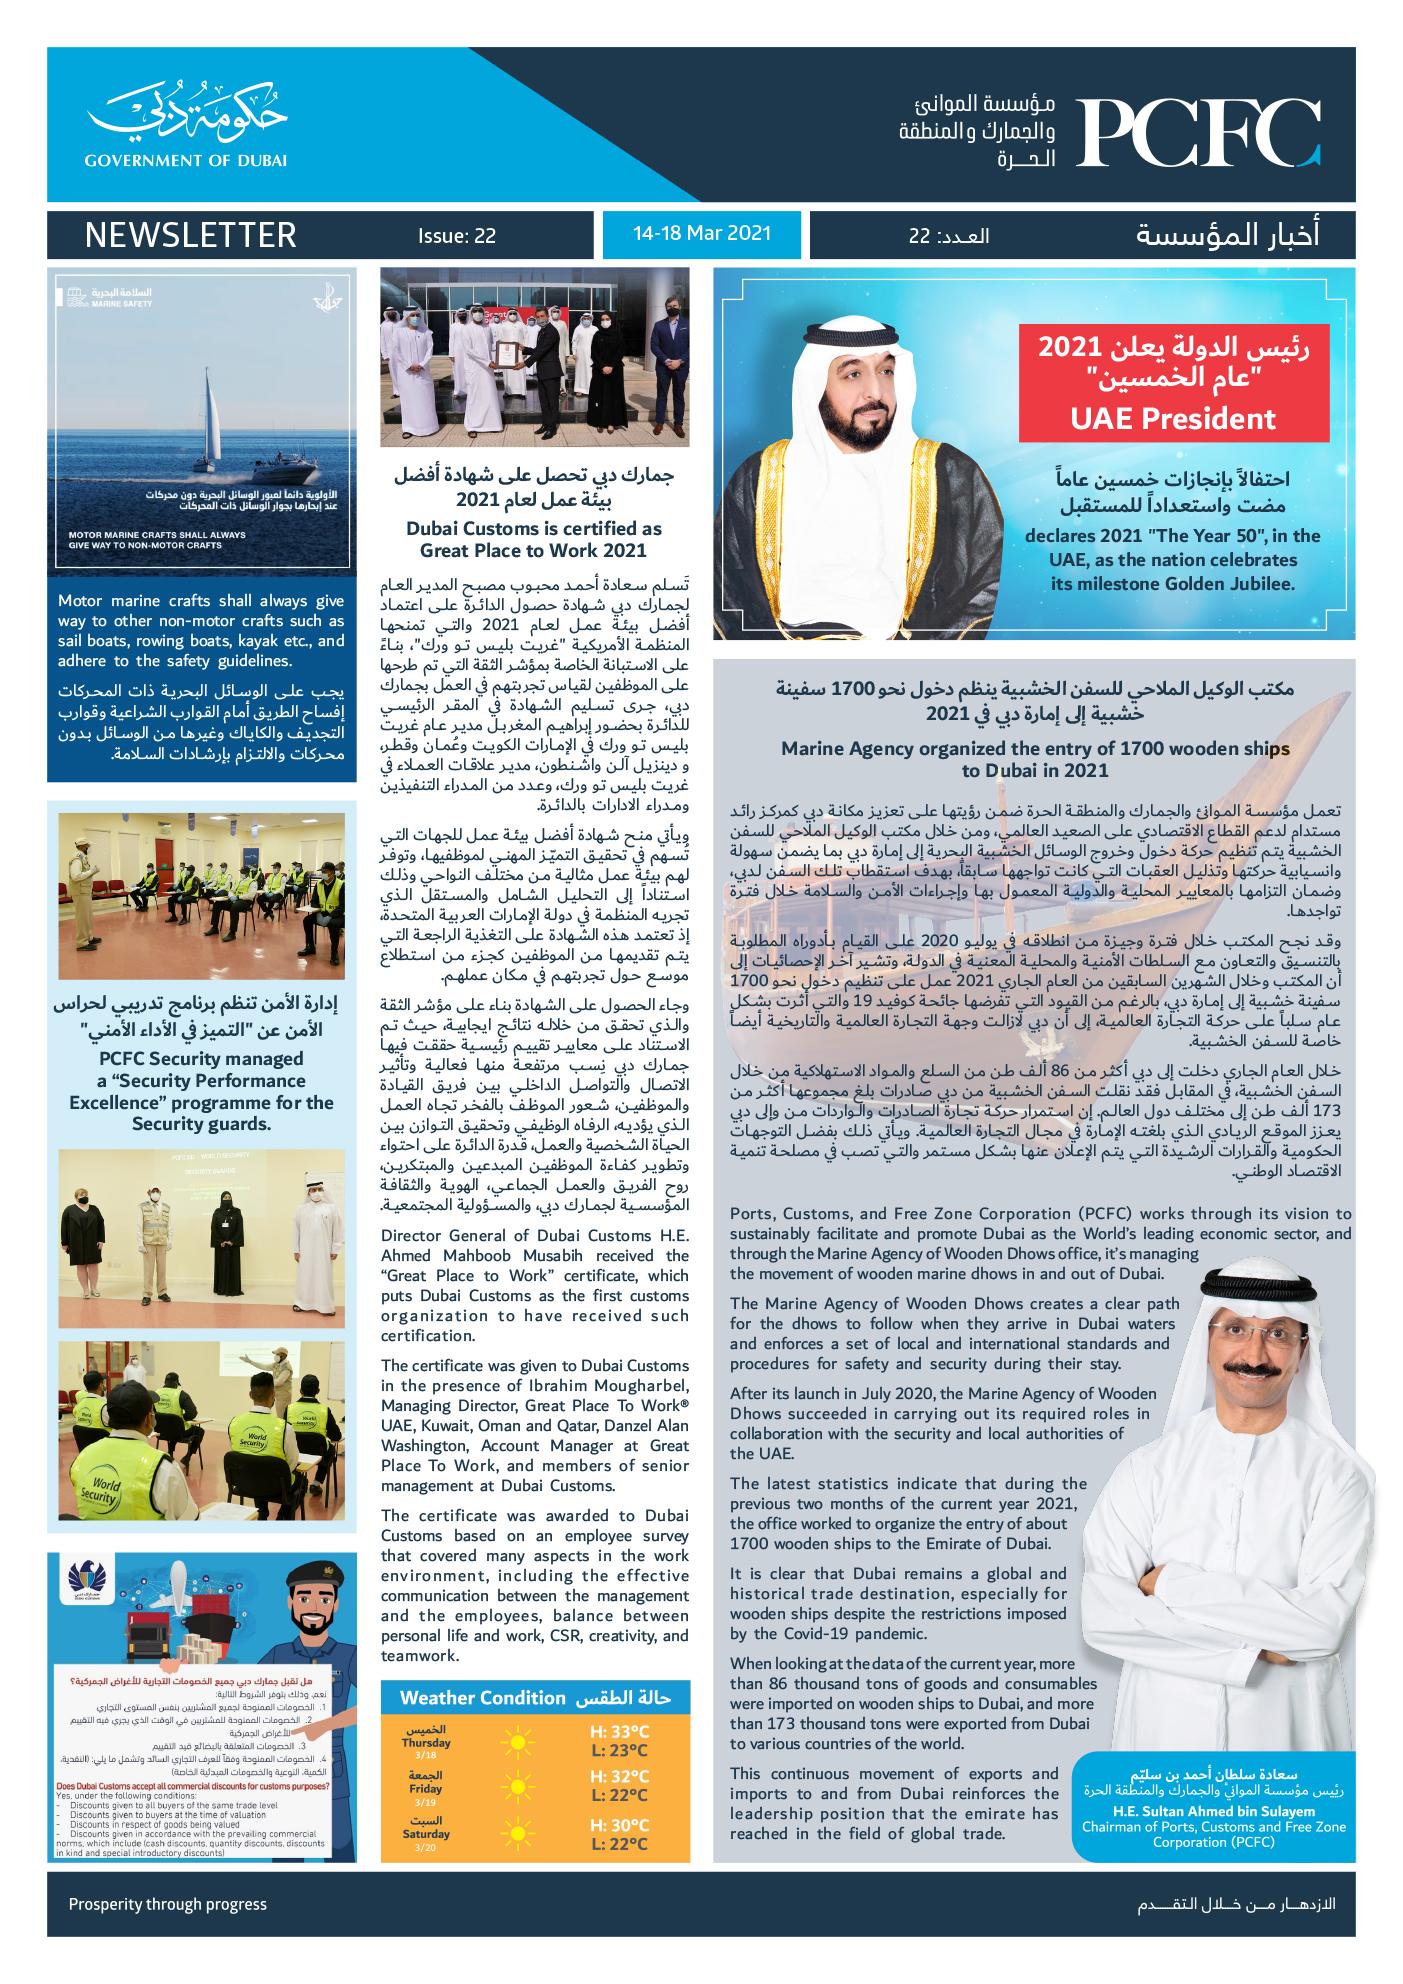 PCFC News